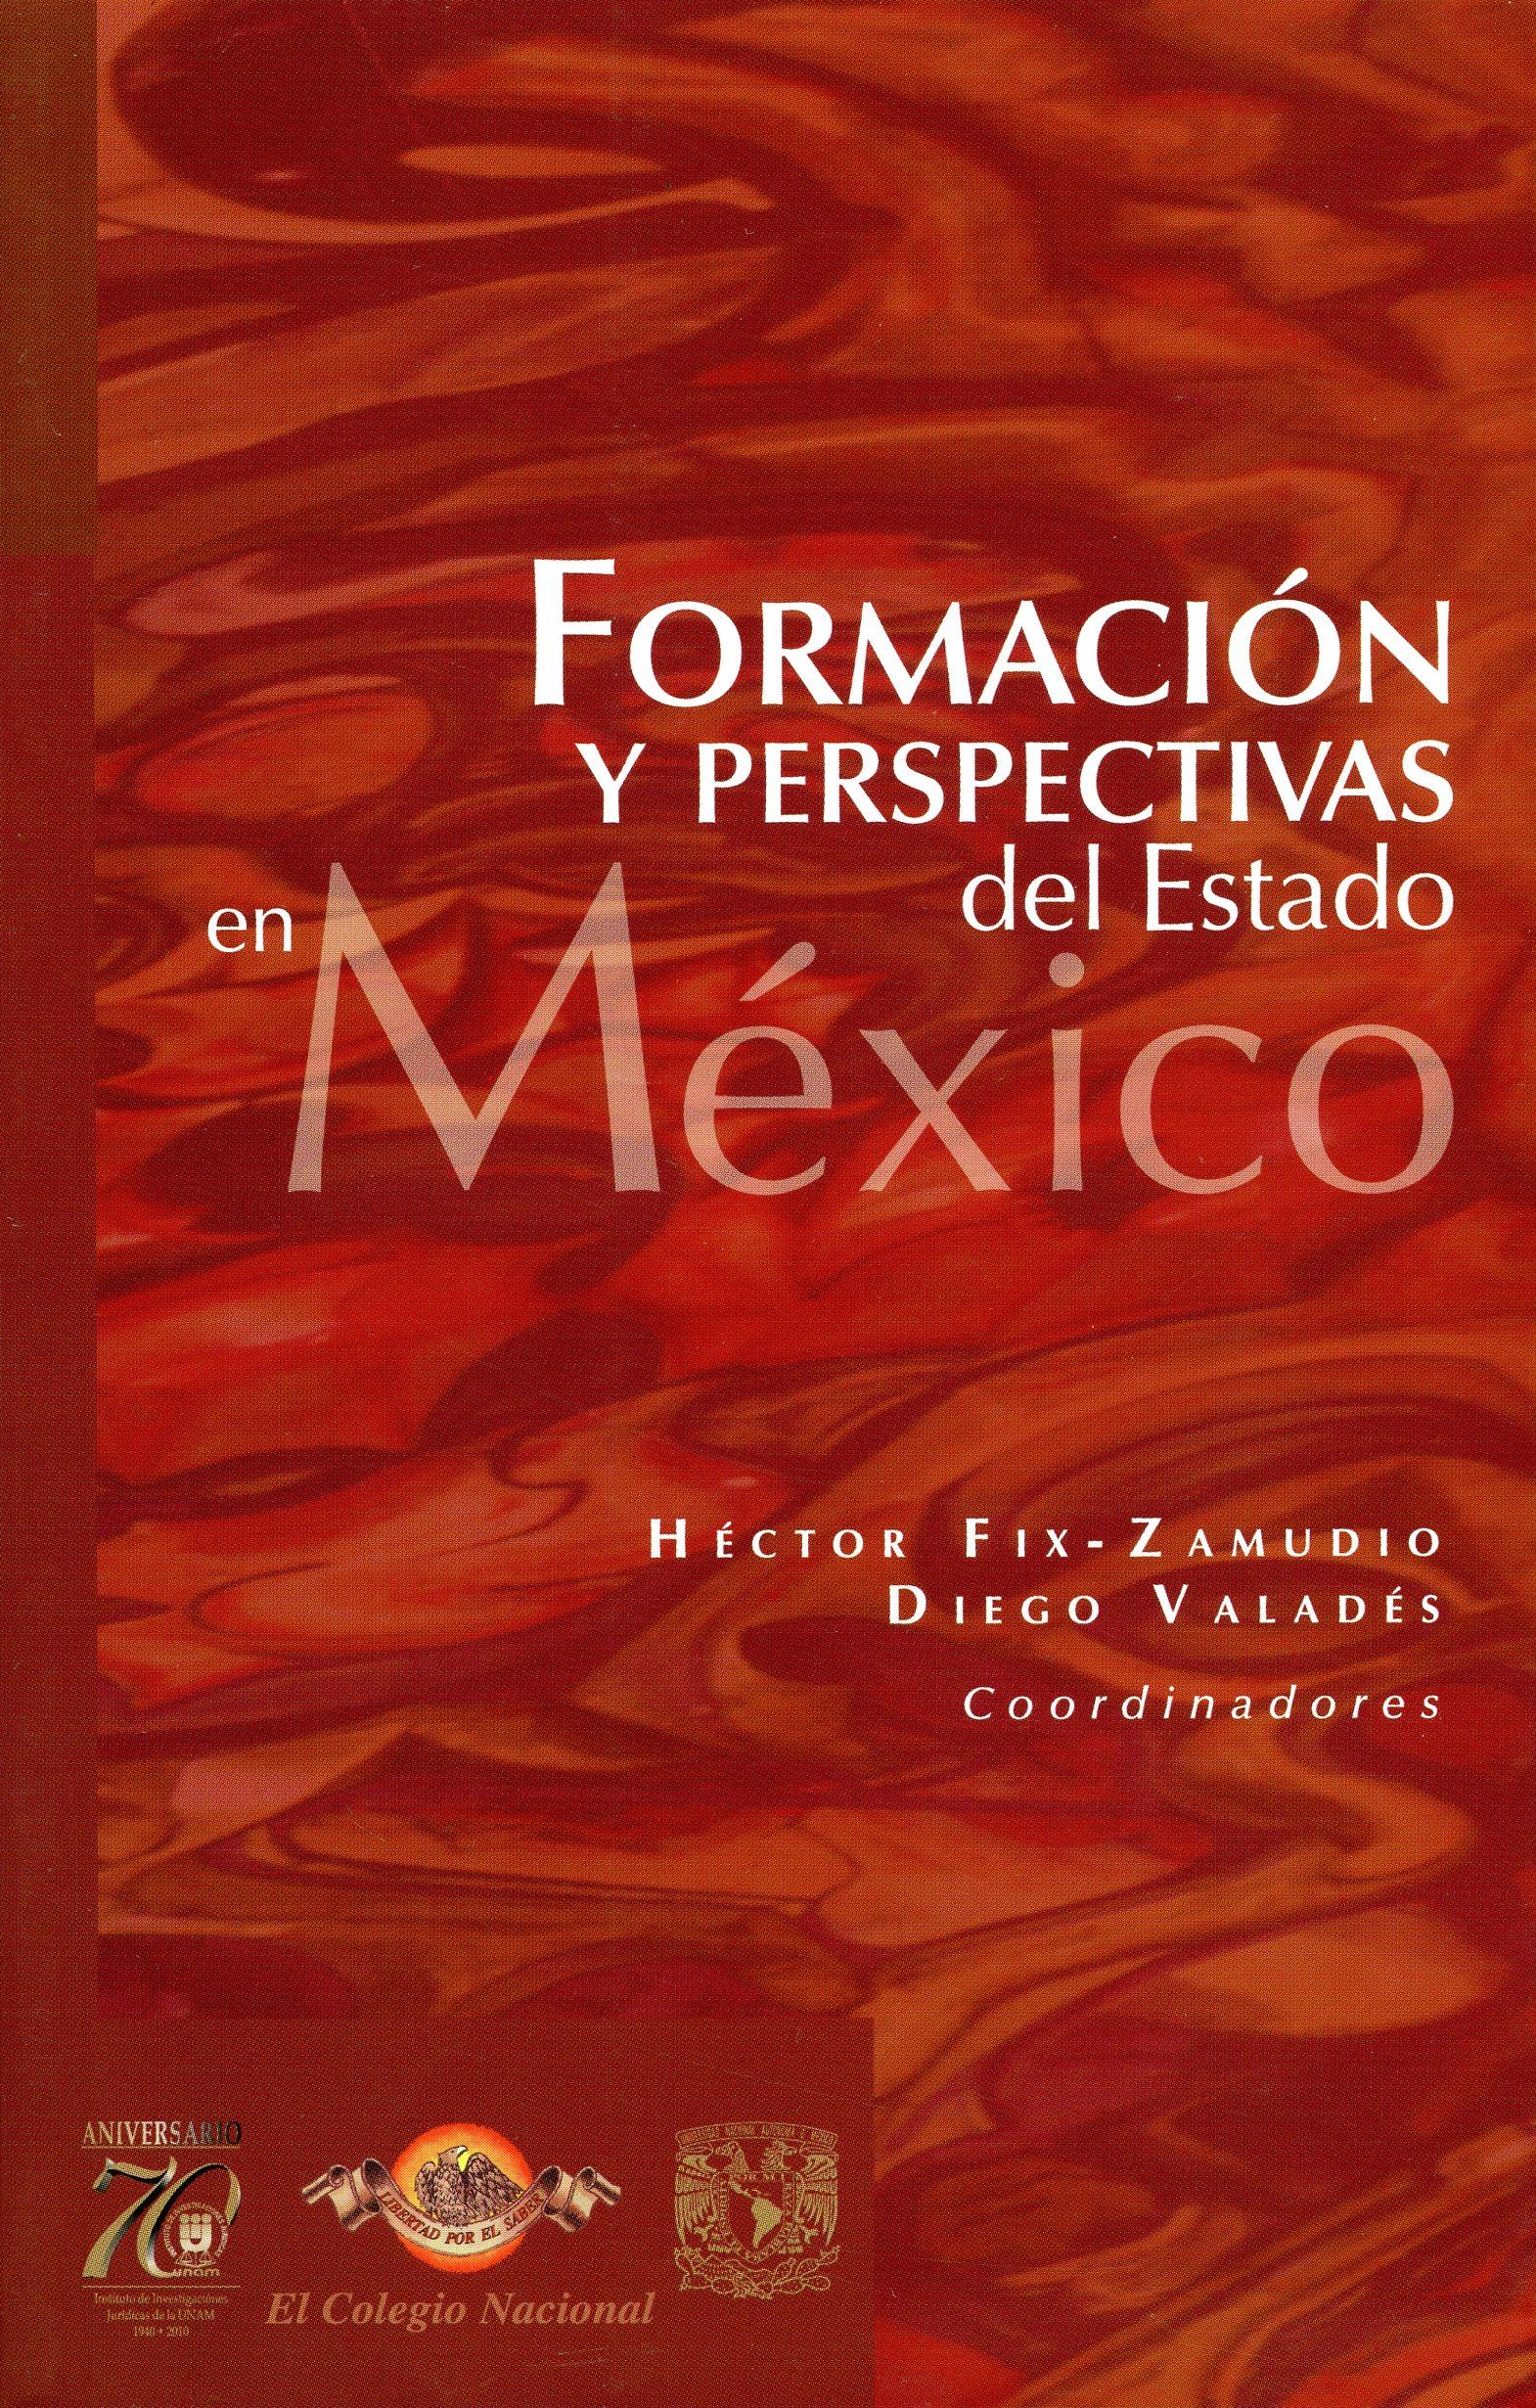 Formación y perspectivas del Estado en México